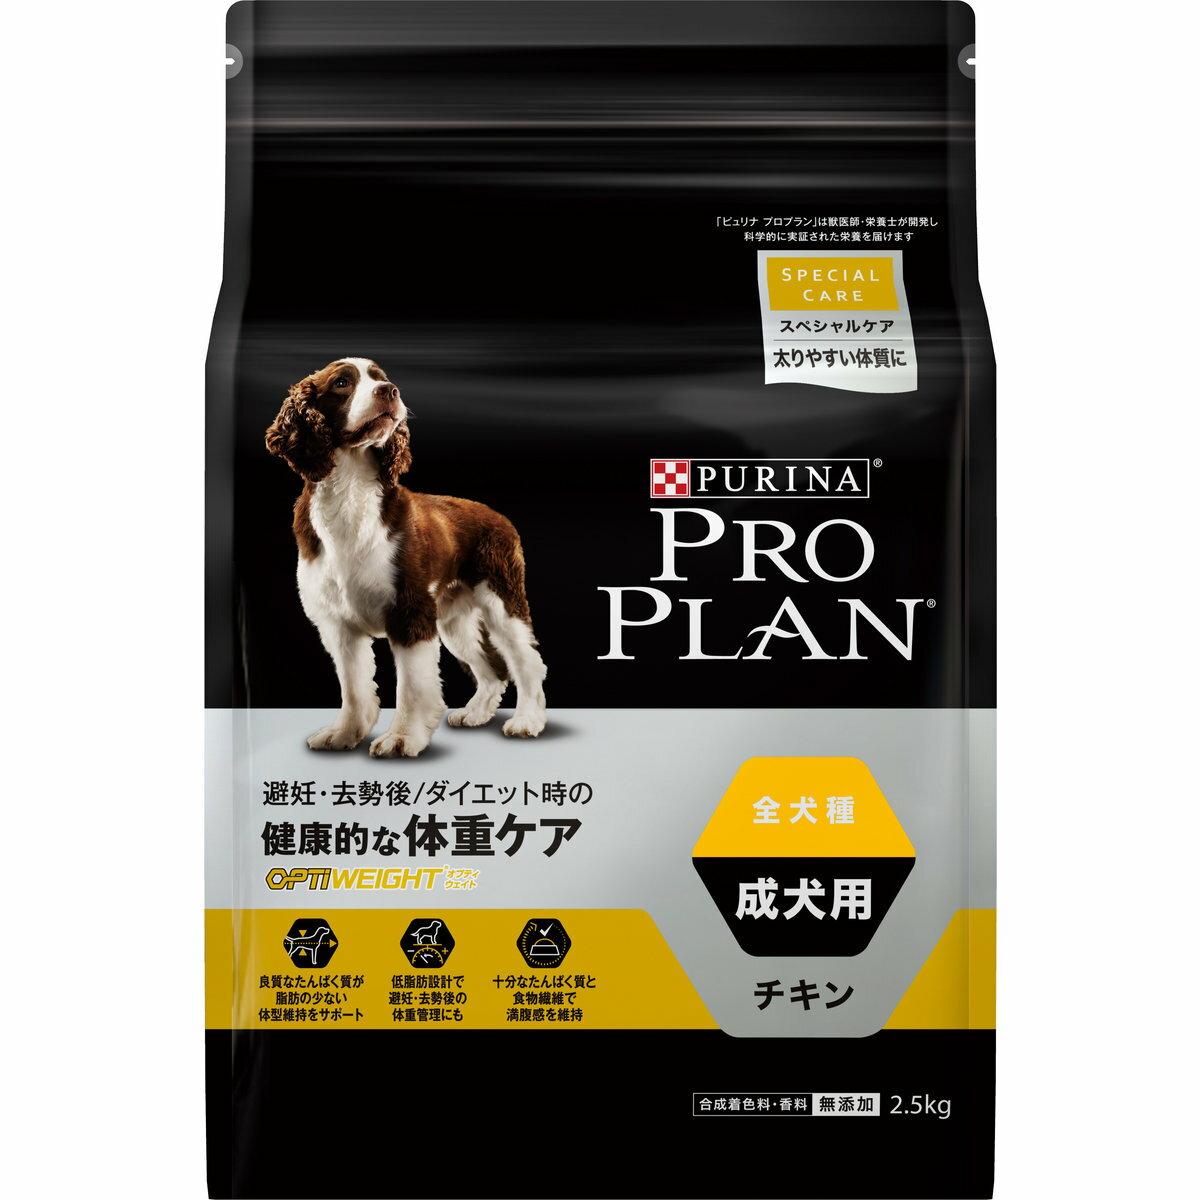 【お取寄せ品】プロプラン(国内) 全犬種 体重ケア 避妊・去勢後 ダイエット 成犬用 2.5kg【送料無料】